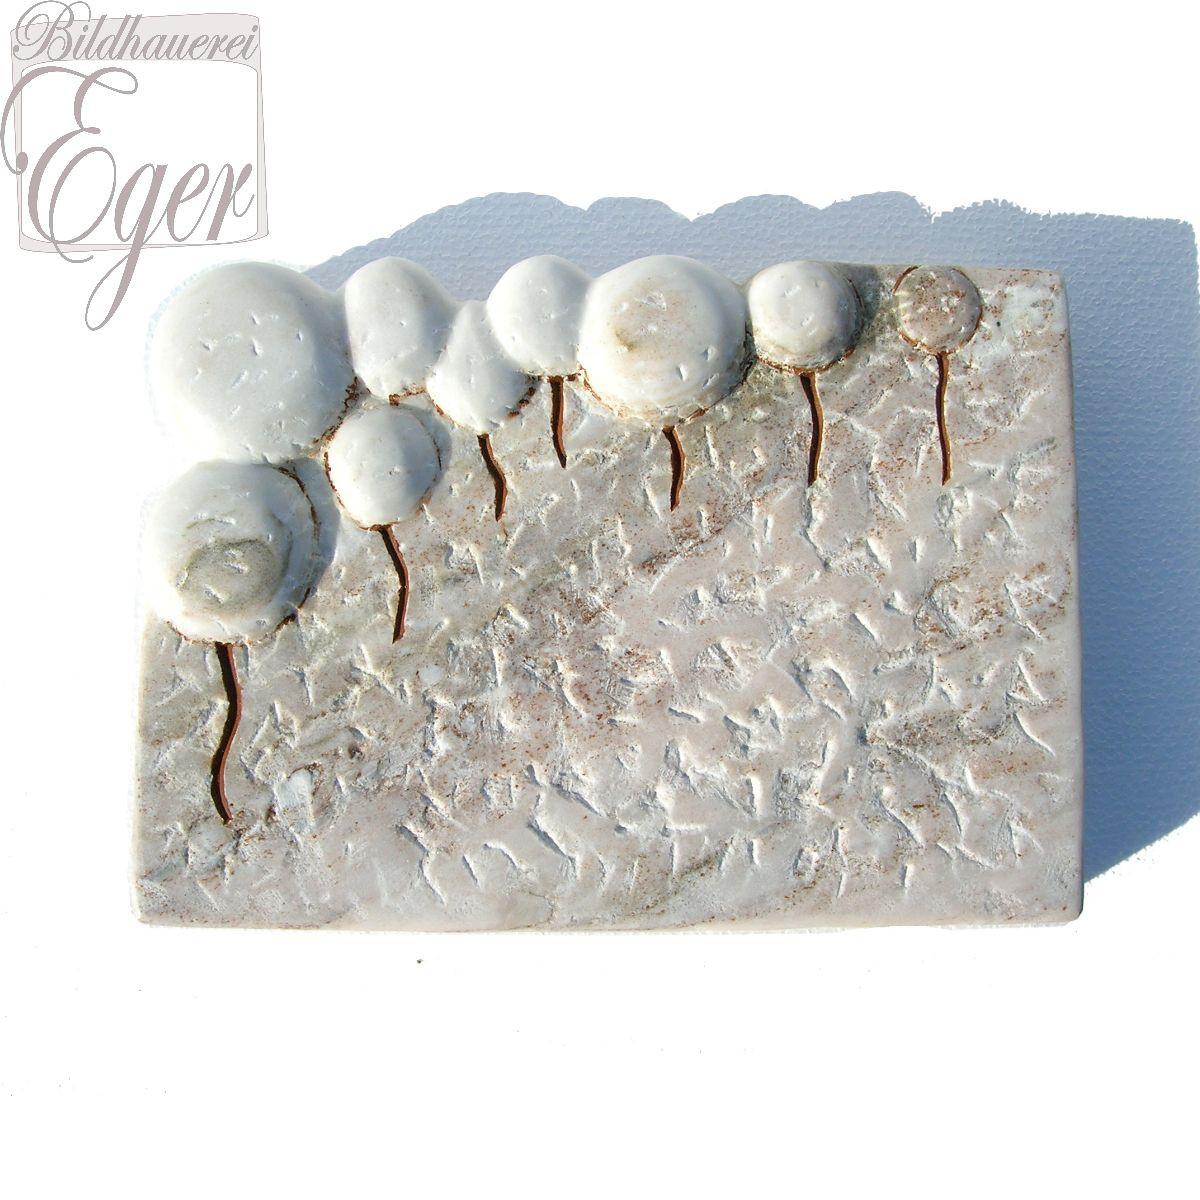 kristalliner kalkstein mit 6 buchstaben